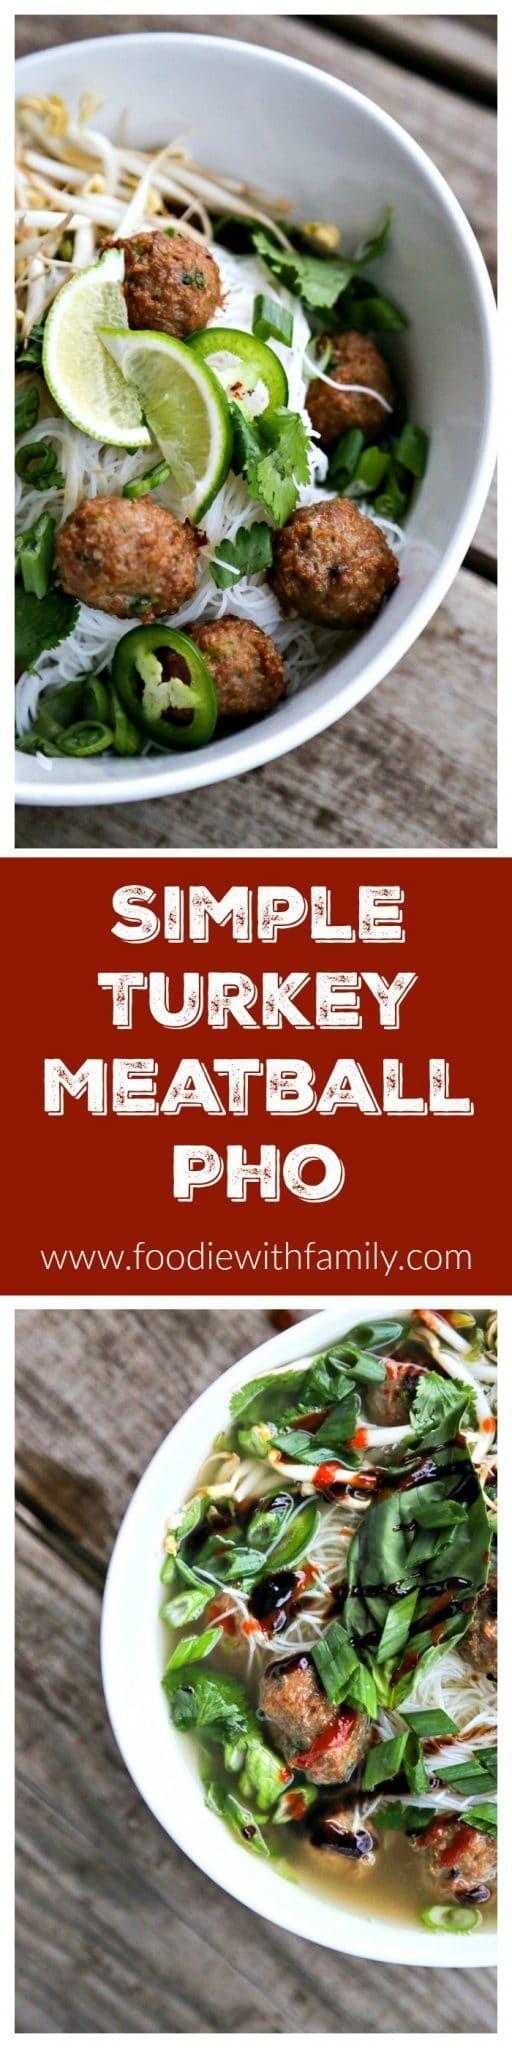 Simple Turkey Meatball Pho